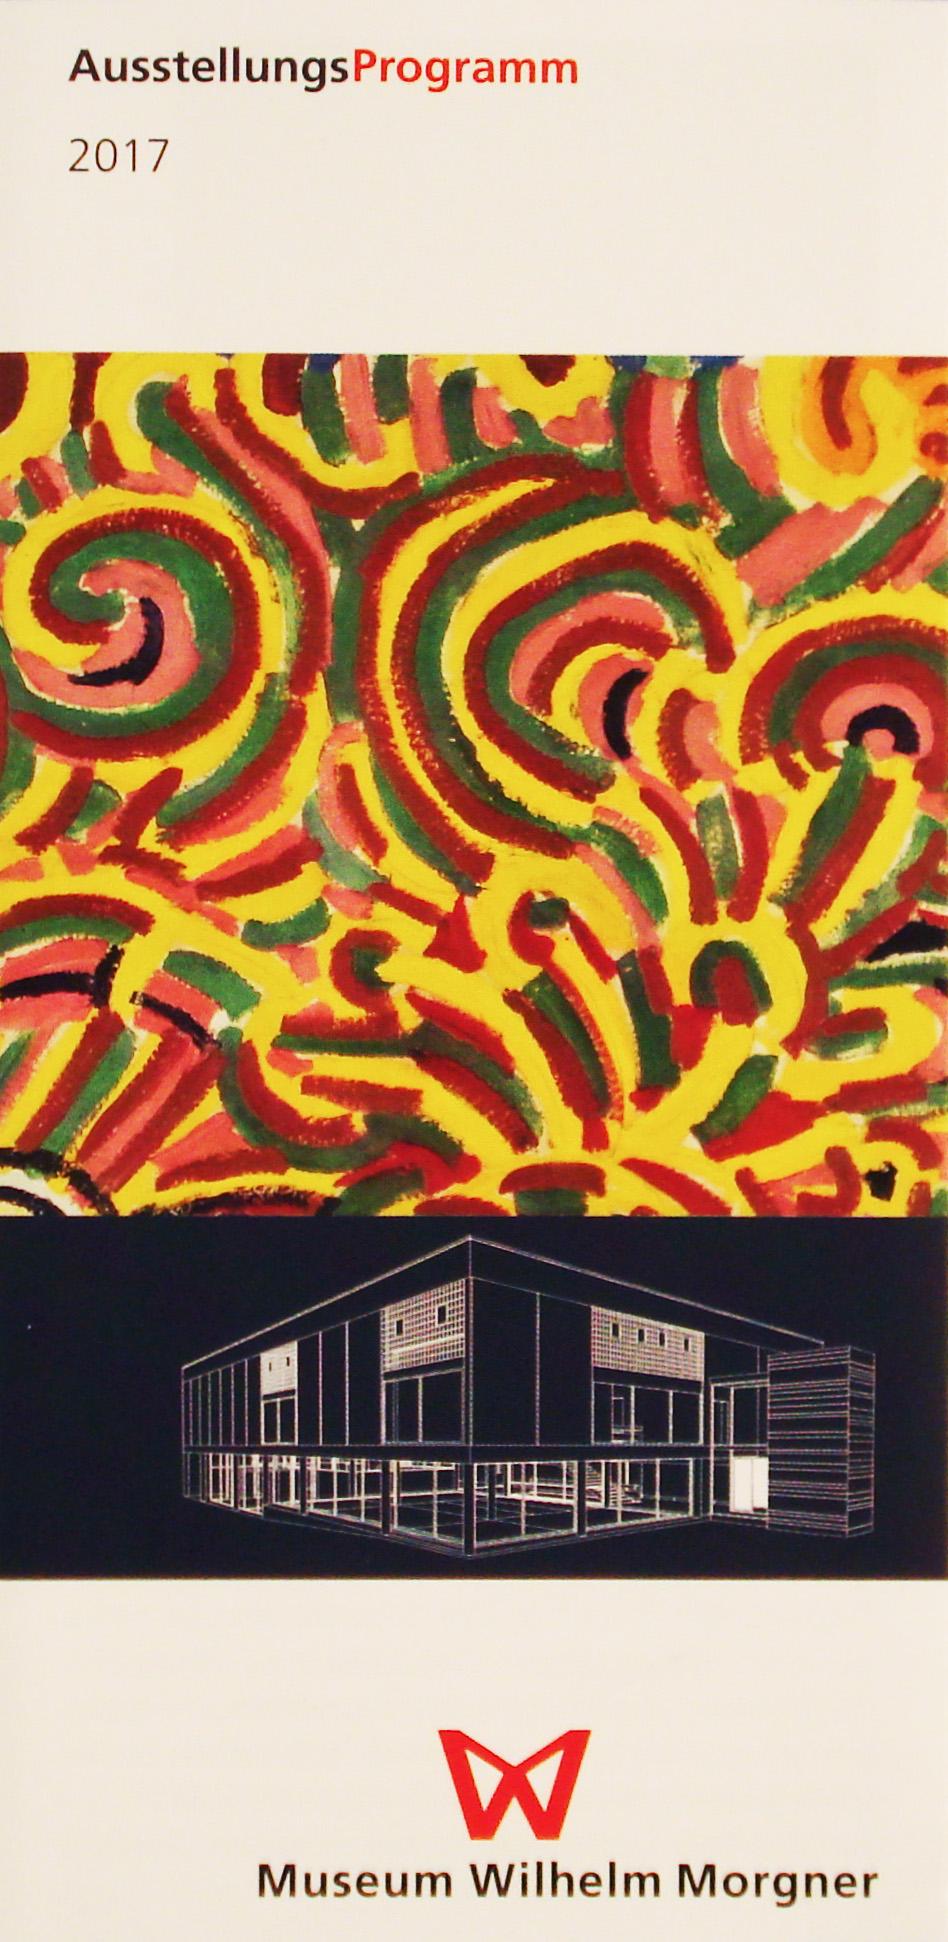 2017_Ausstellungsprogramm_Museum Wilhelm Morgner.jpg